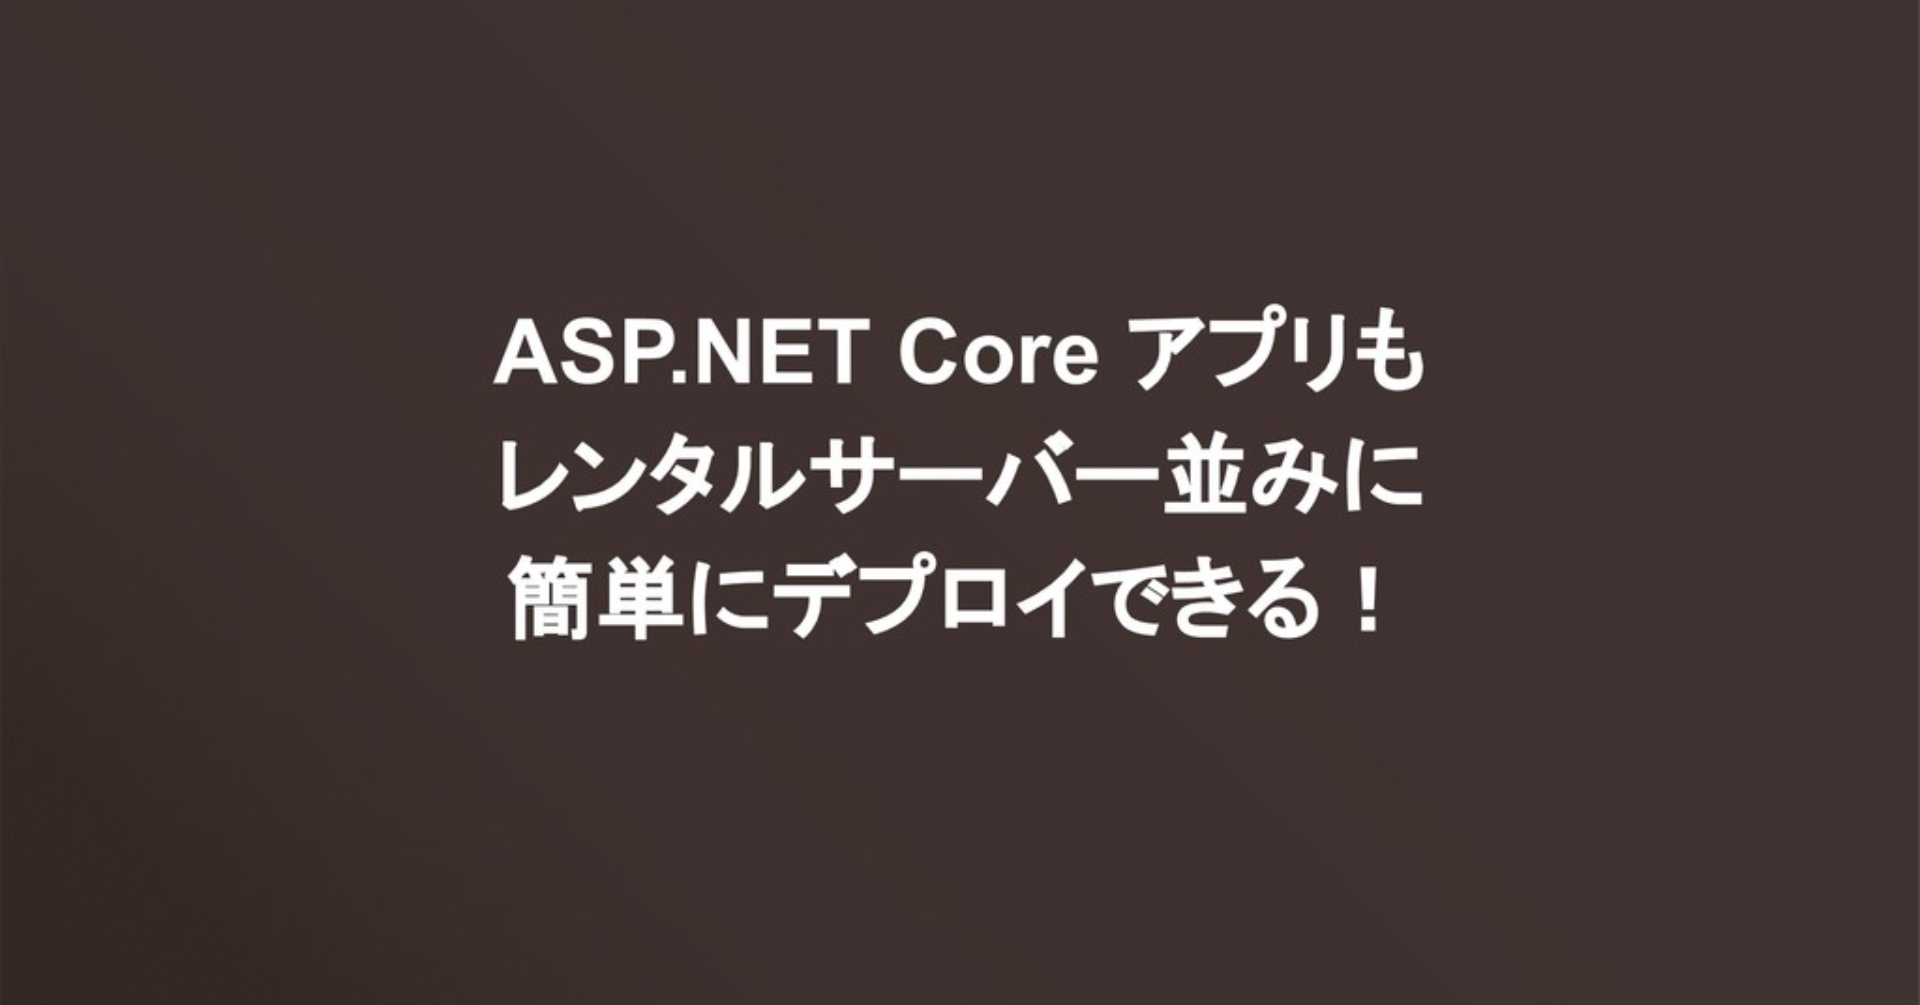 ASP.NET Core アプリも レンタルサーバー並みに 簡単にデプロイできる!